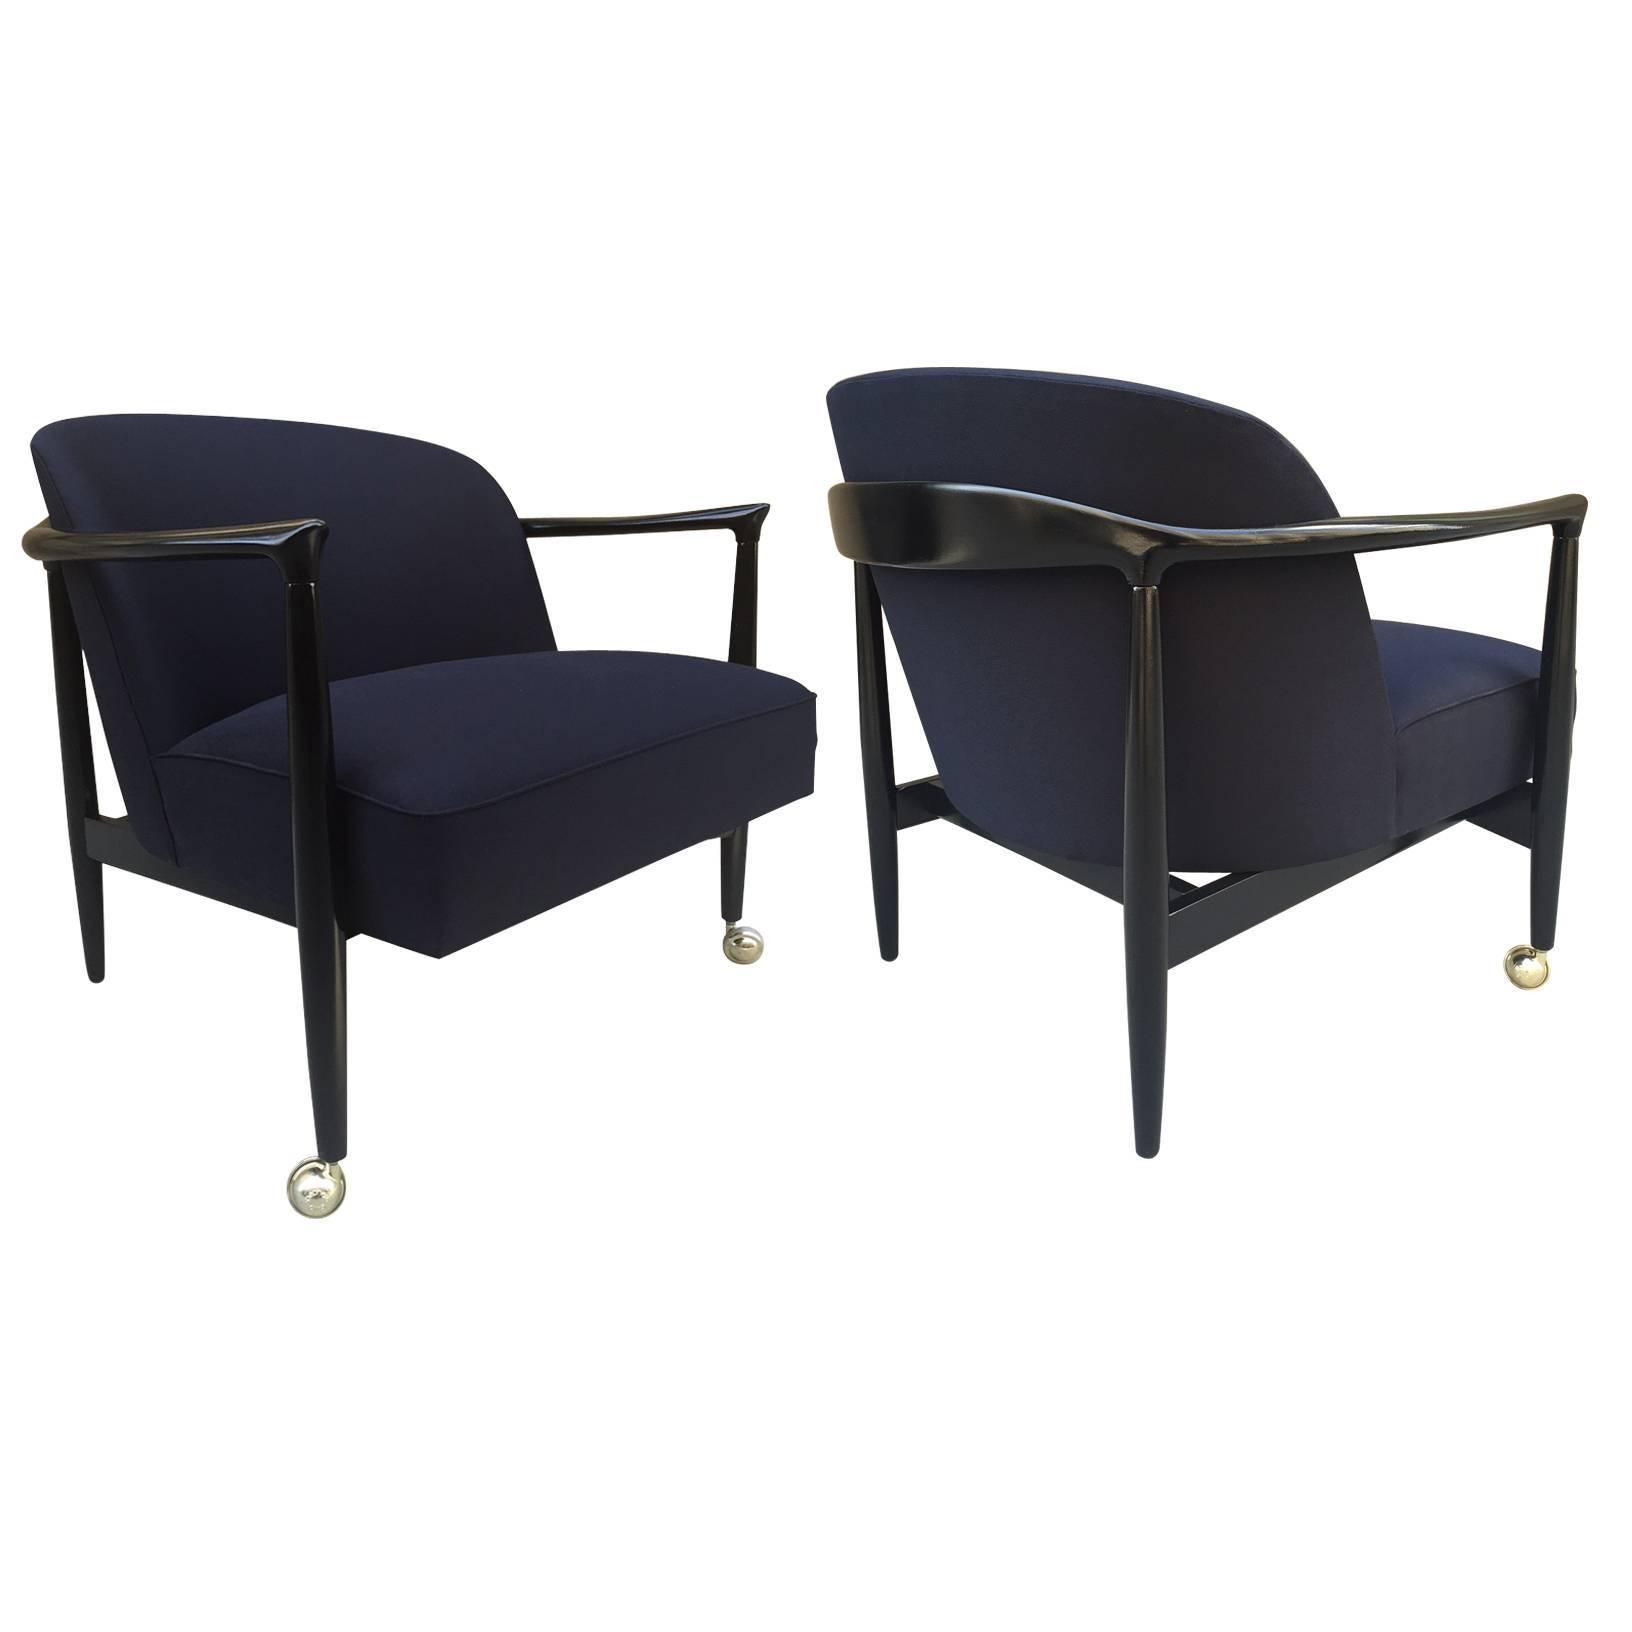 Pair of Sculptural Ib Kofod-Larsen Lounge Chairs